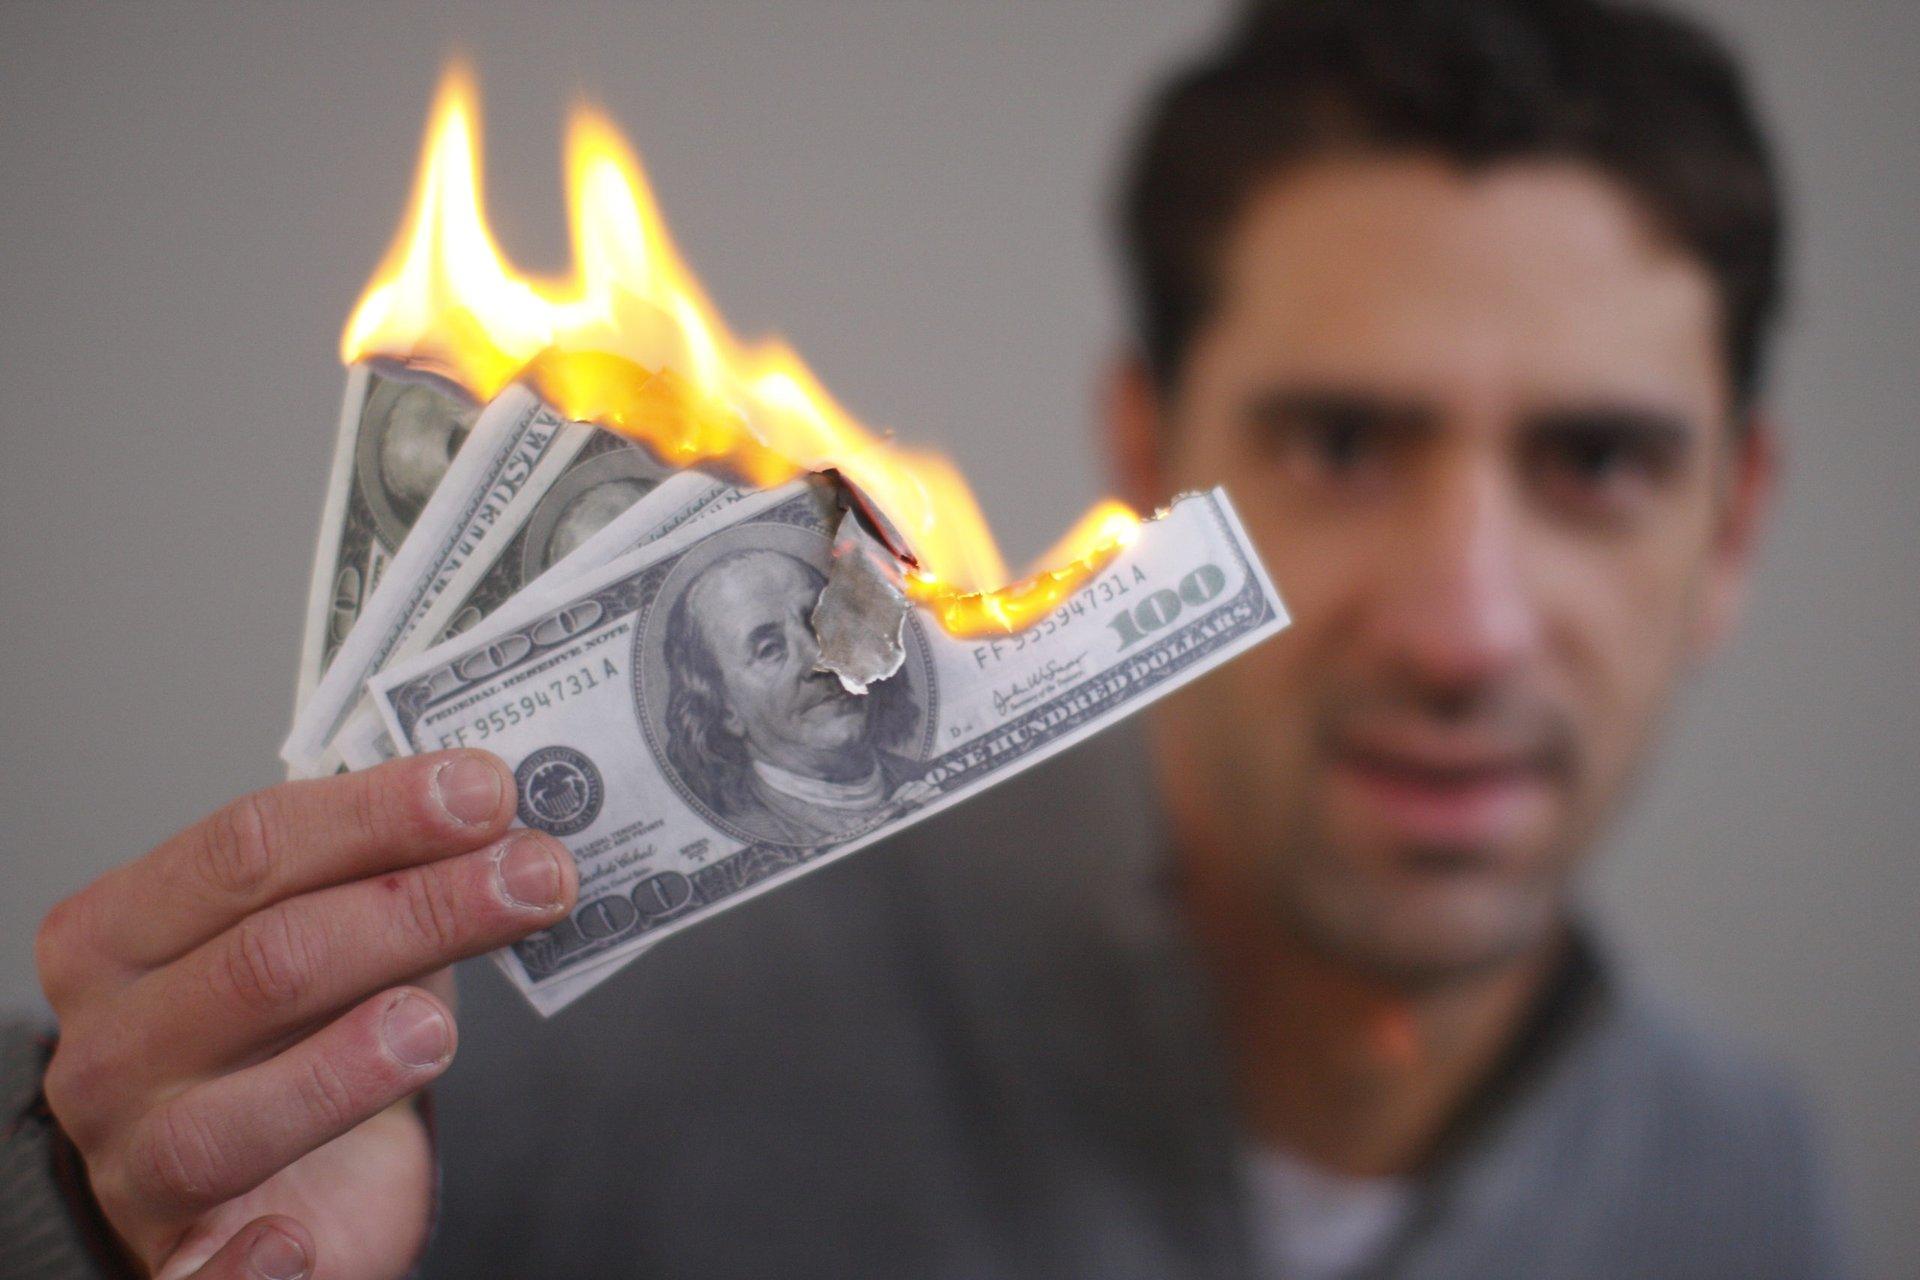 Man burning cash